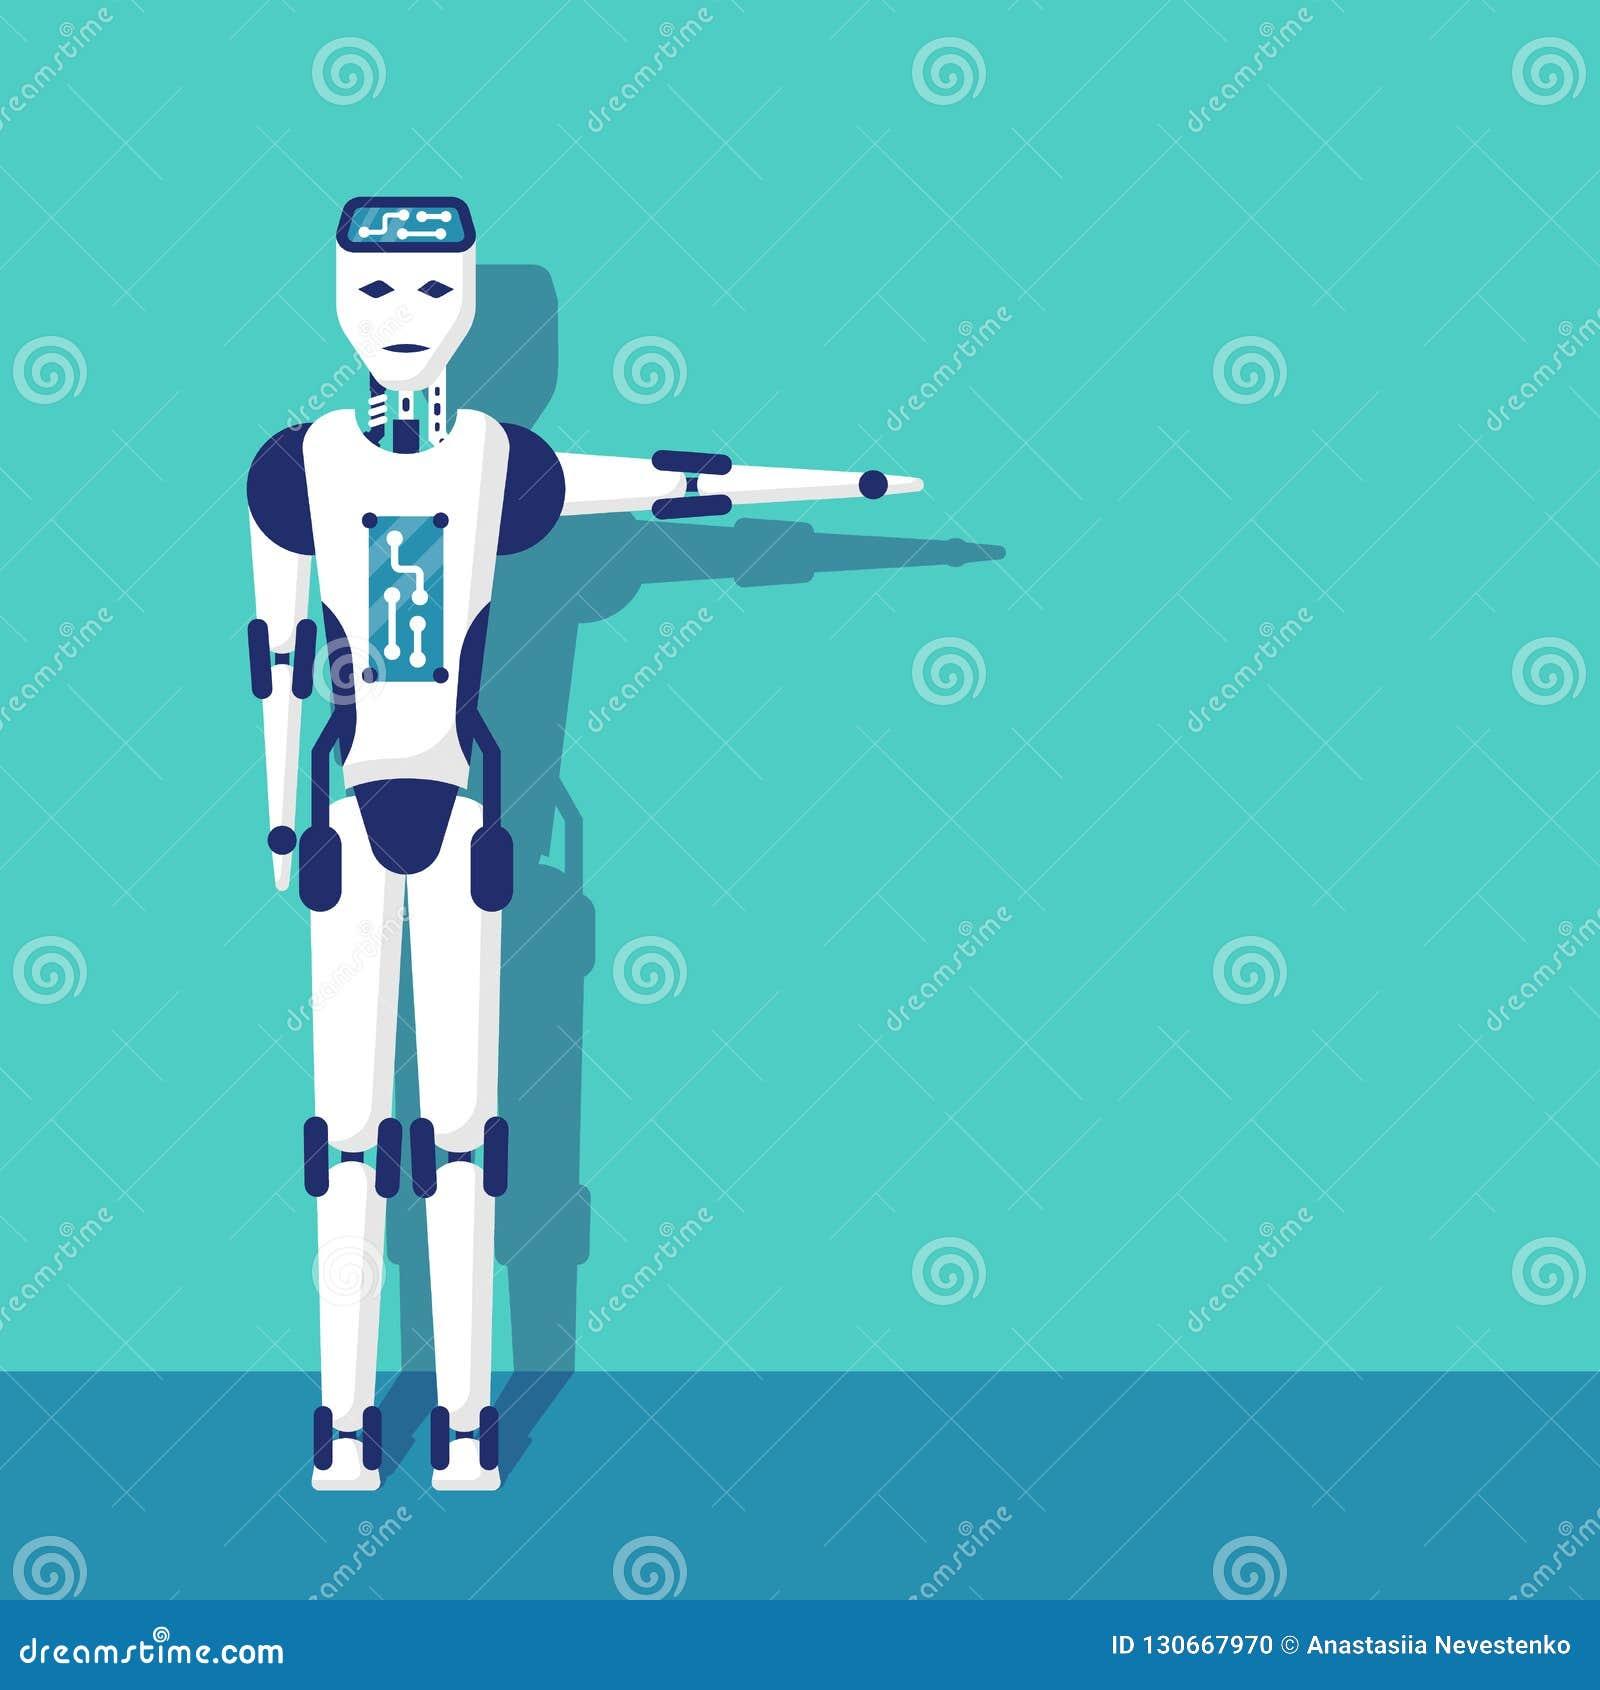 机器人胳膊指向的方向